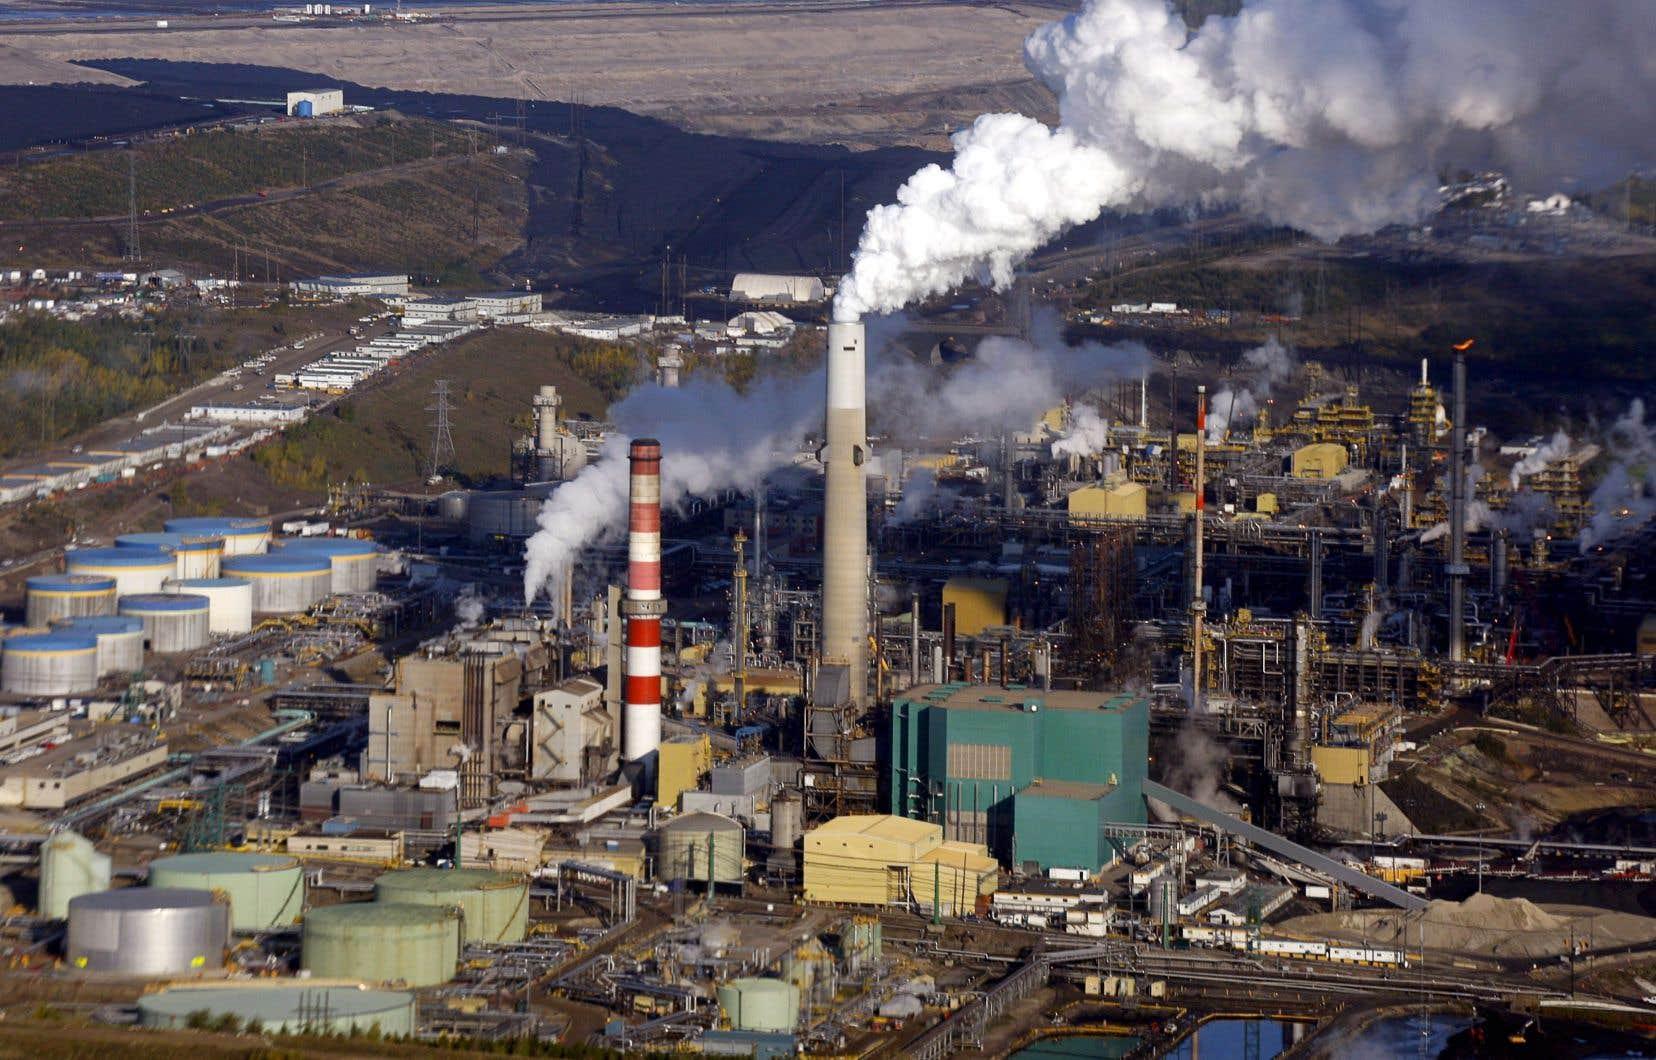 L'industrie pétrolière canadienne serait particulièrement touchée par une augmentation de la taxe carbone.